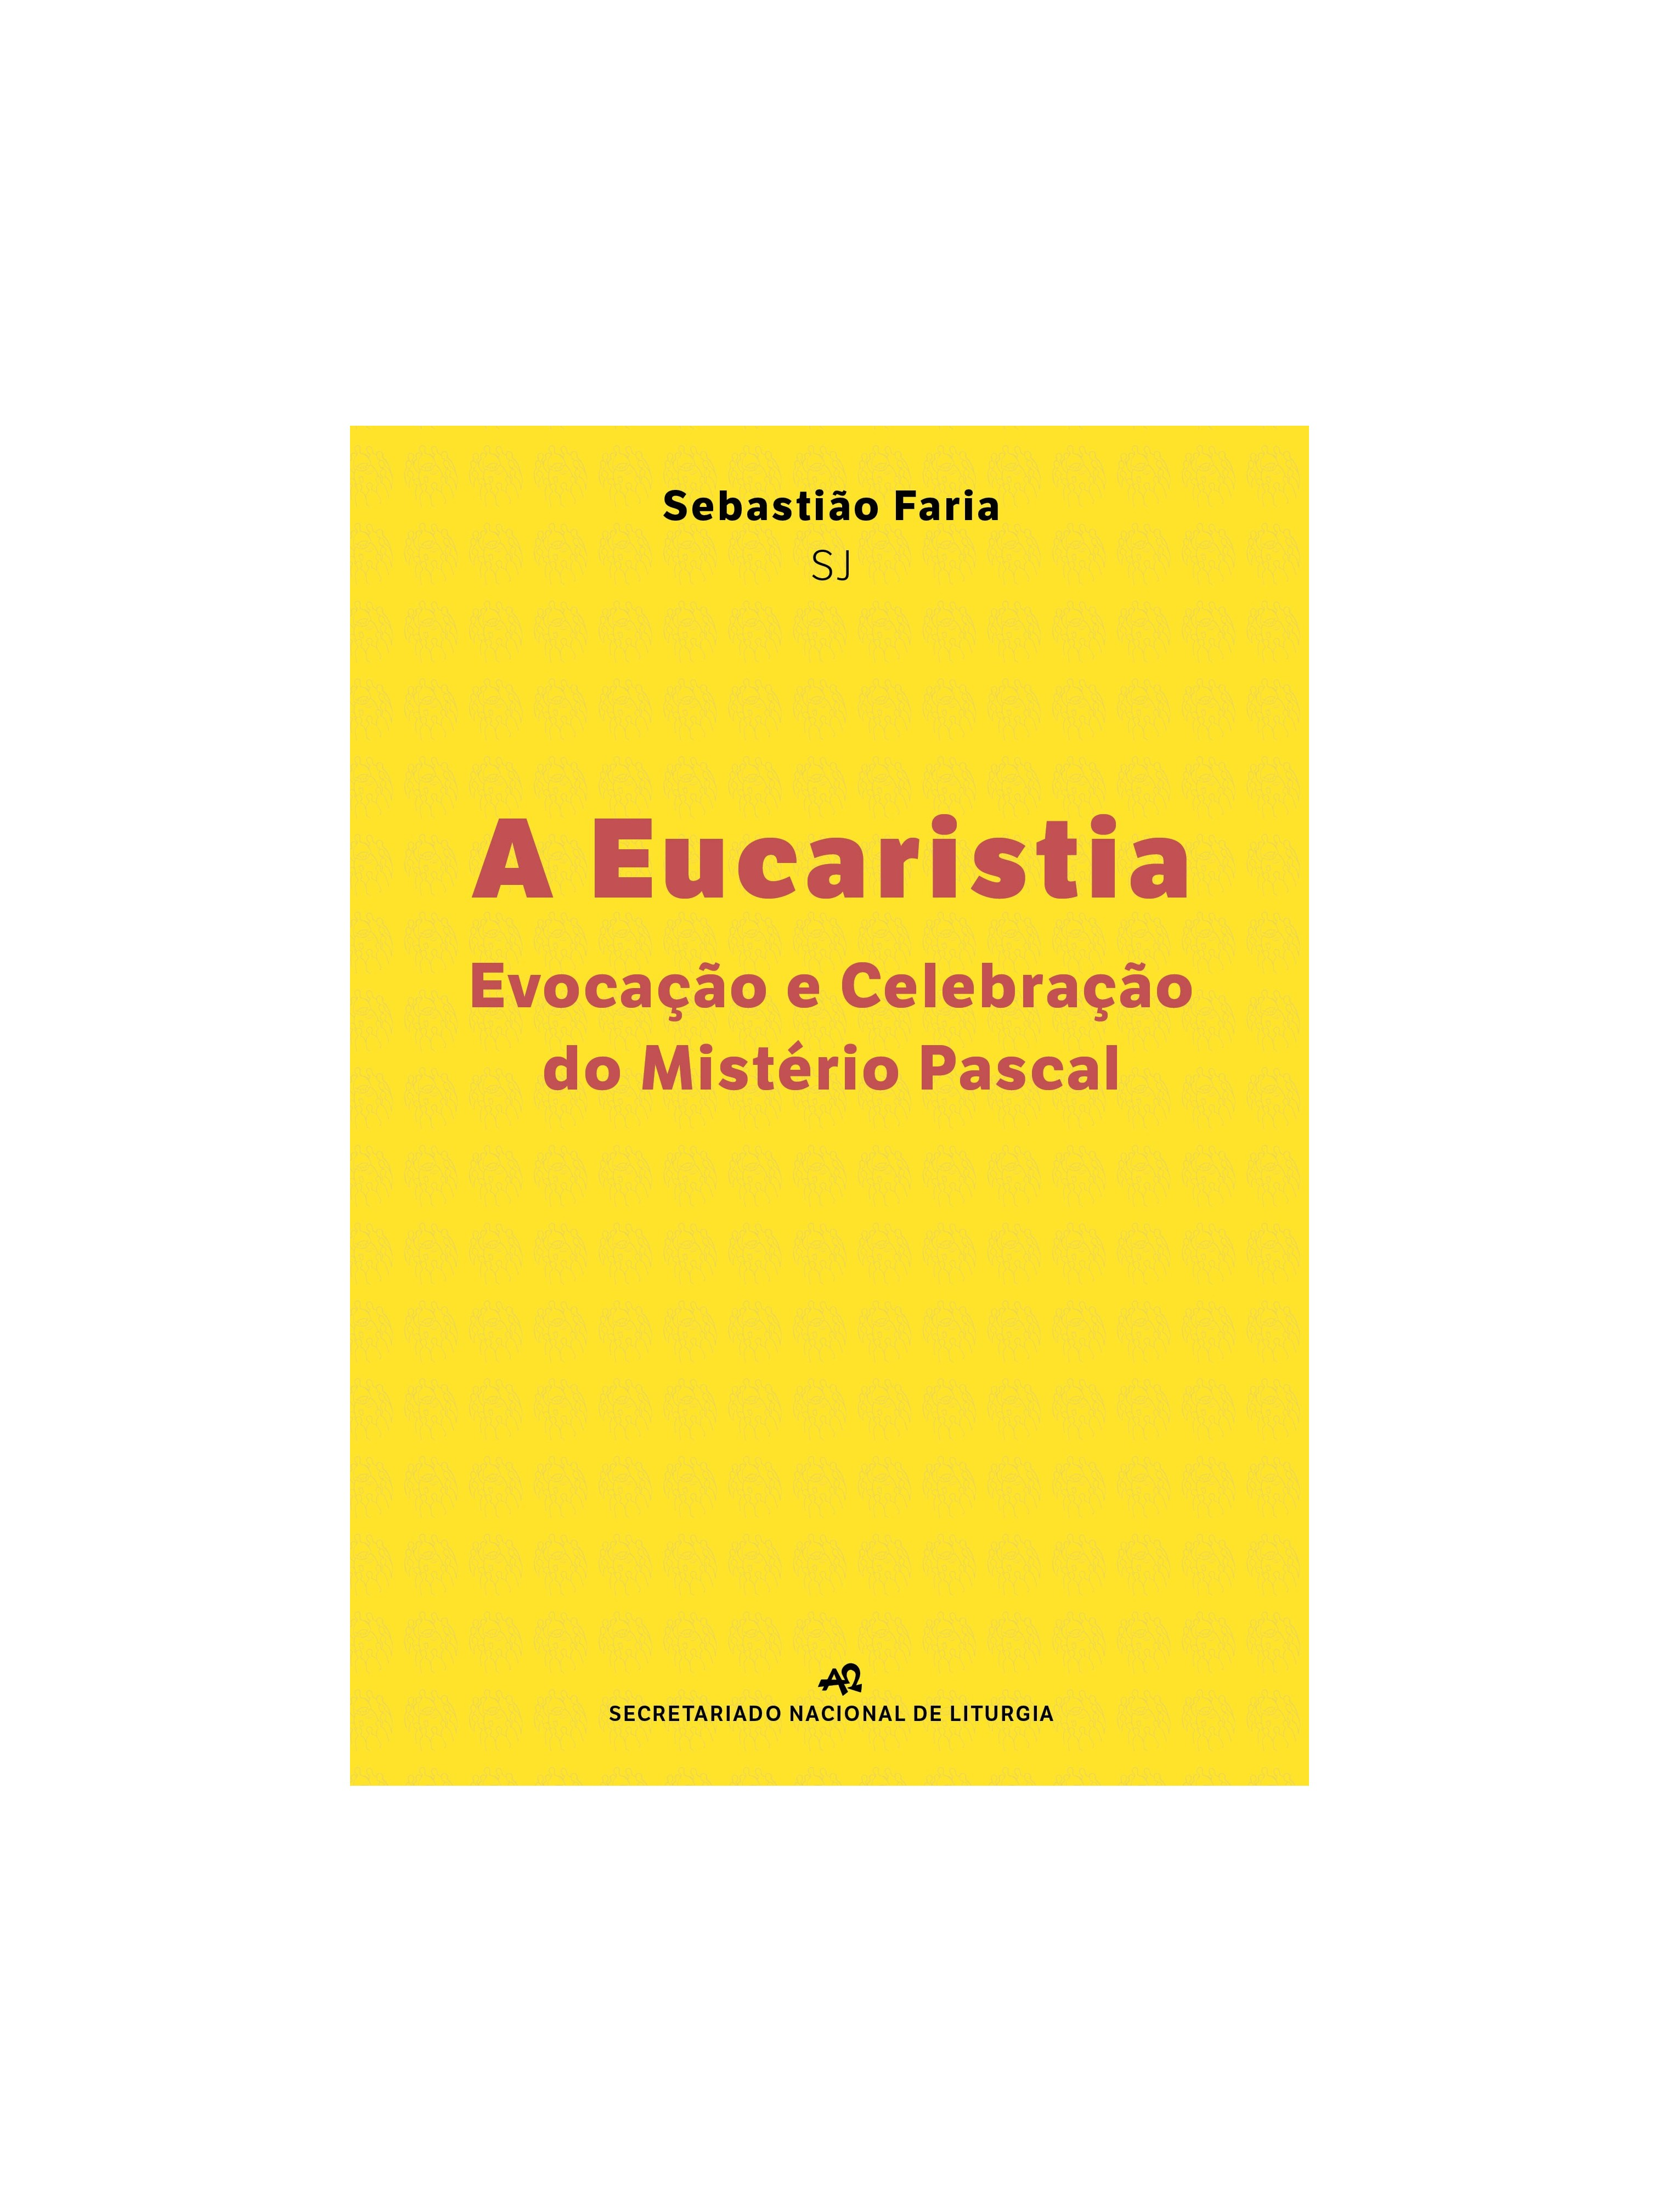 A Eucaristia, Evocação e Celebração do Mistério Pascal